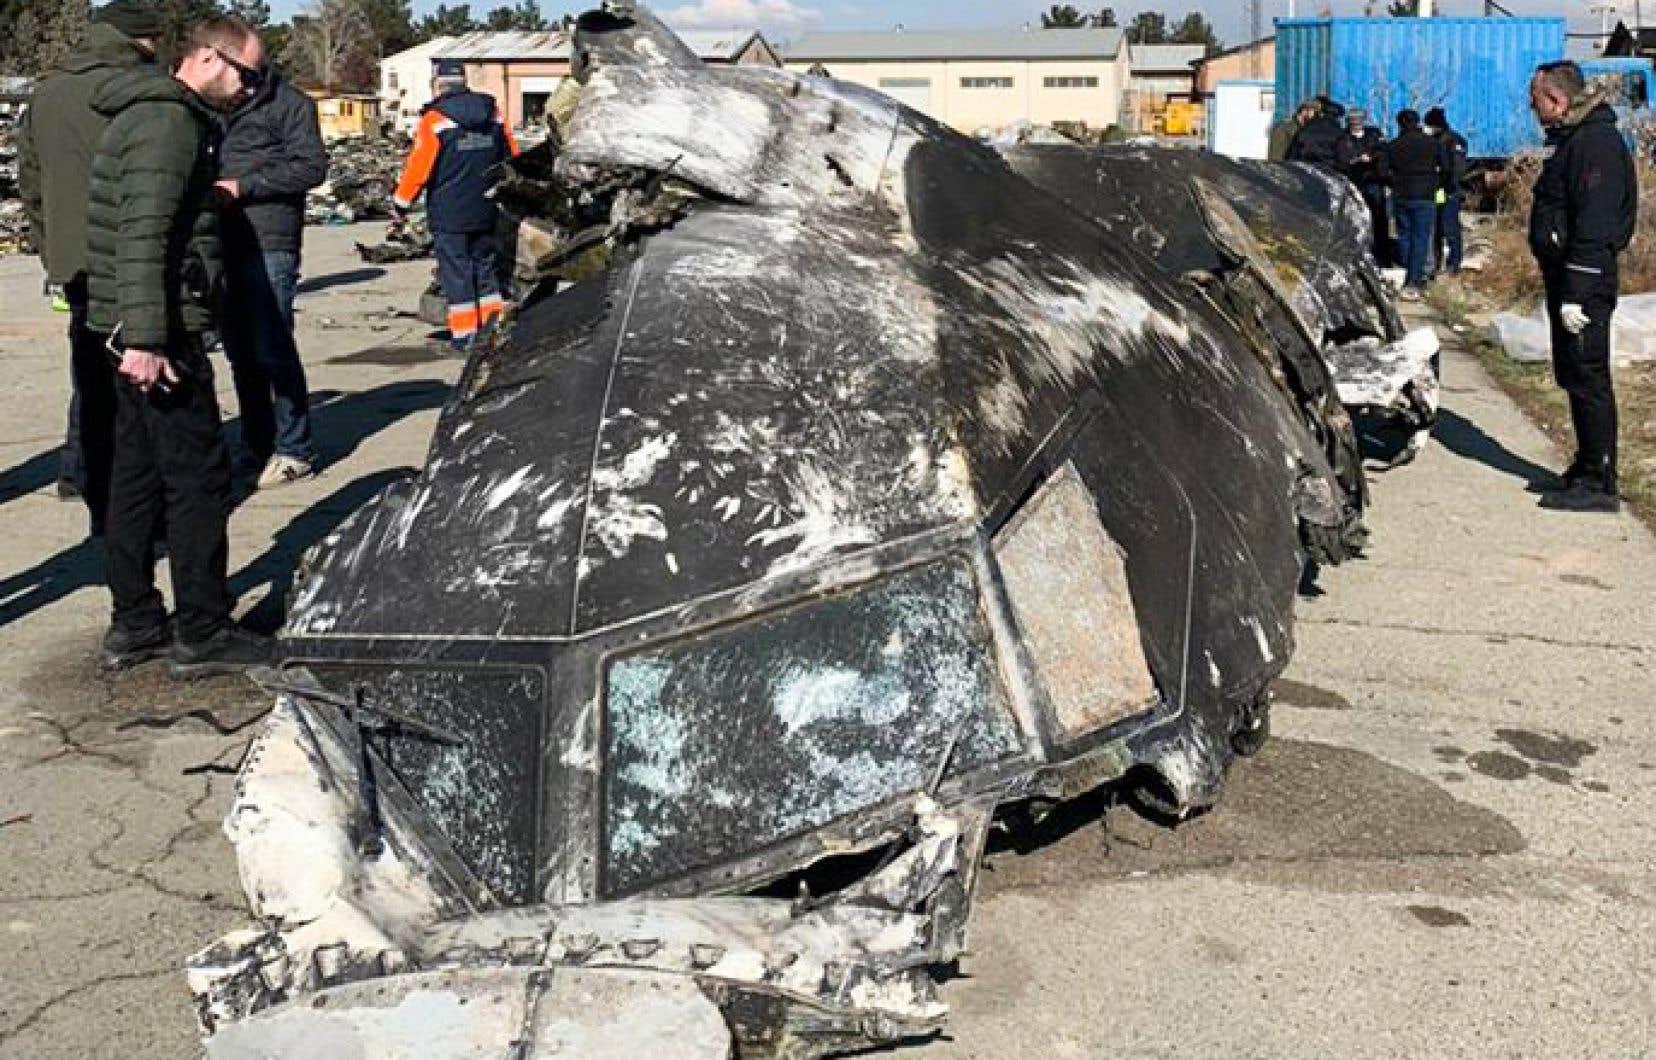 Des experts ukrainiens ont été dépêchés à Téhéran pour élucider les circonstances de la catastrophe.